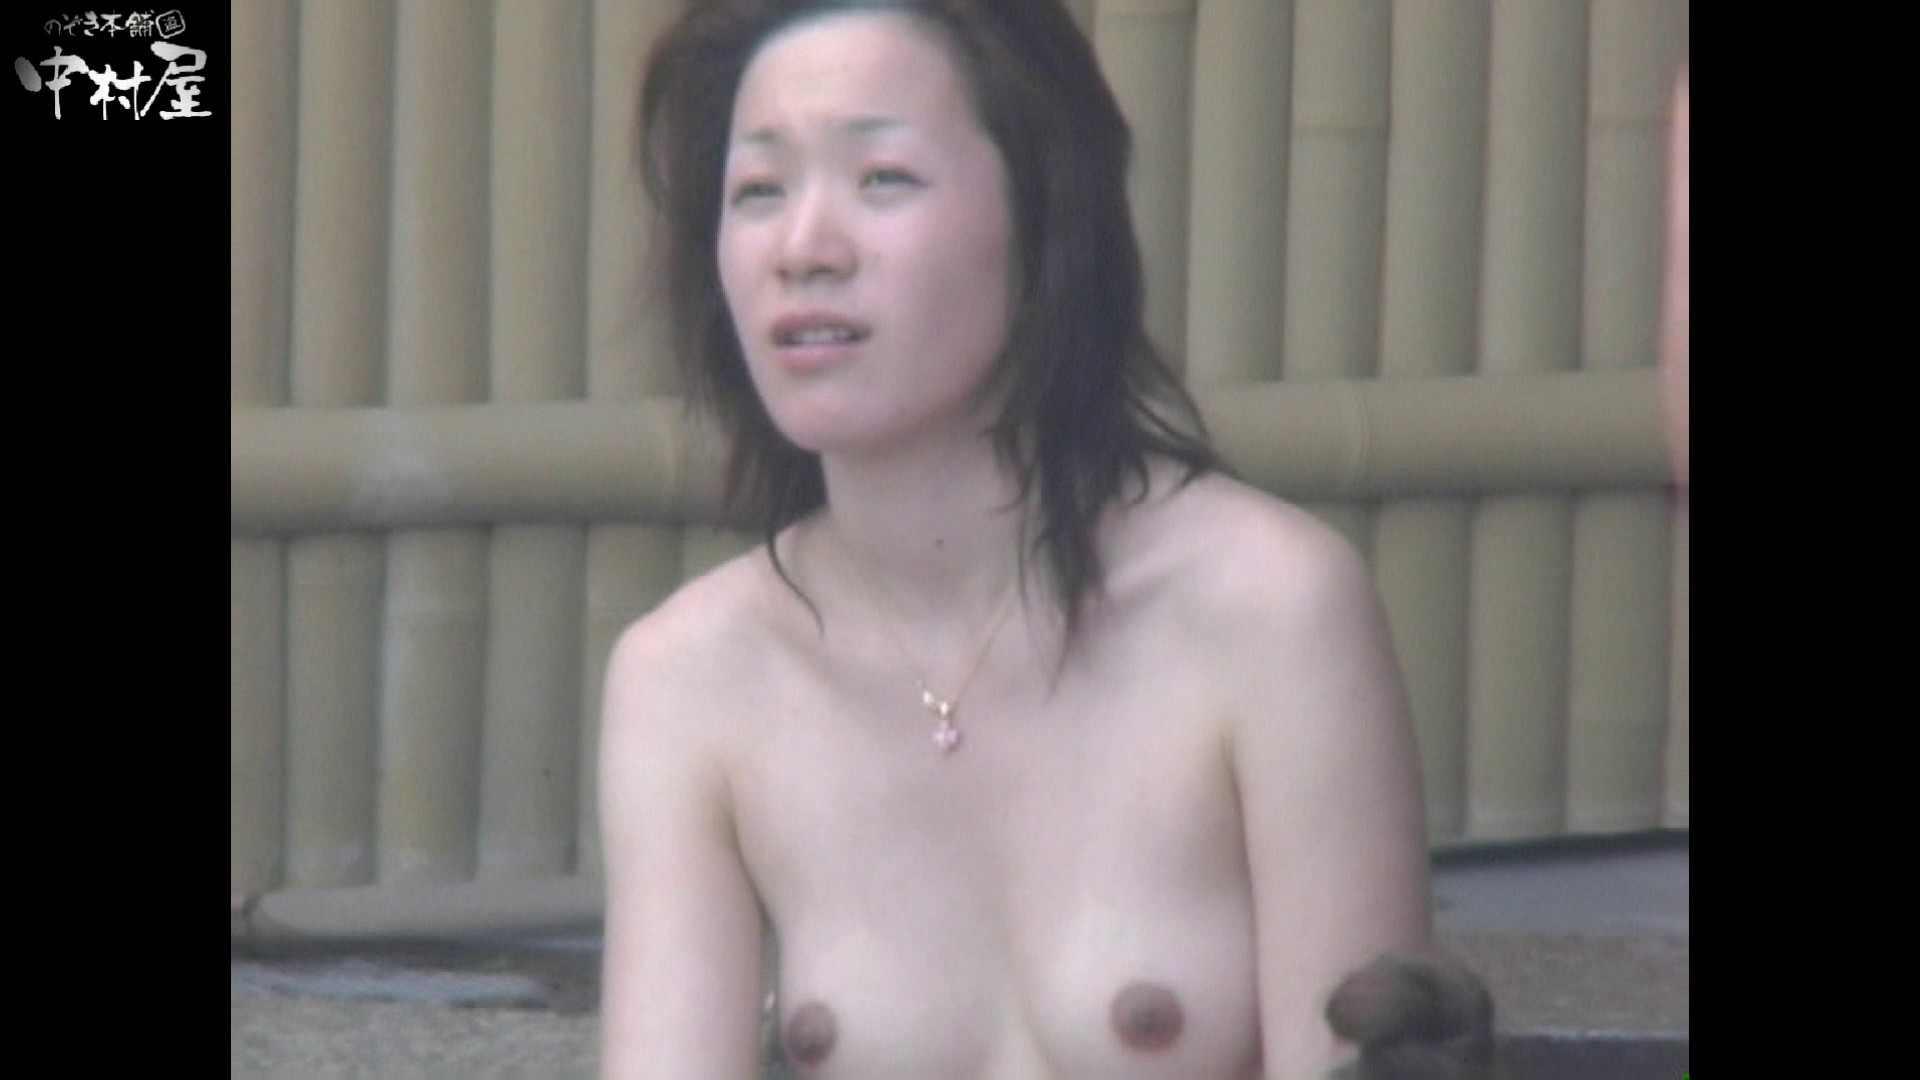 Aquaな露天風呂Vol.939 盗撮師作品   美しいOLの裸体  100pic 19